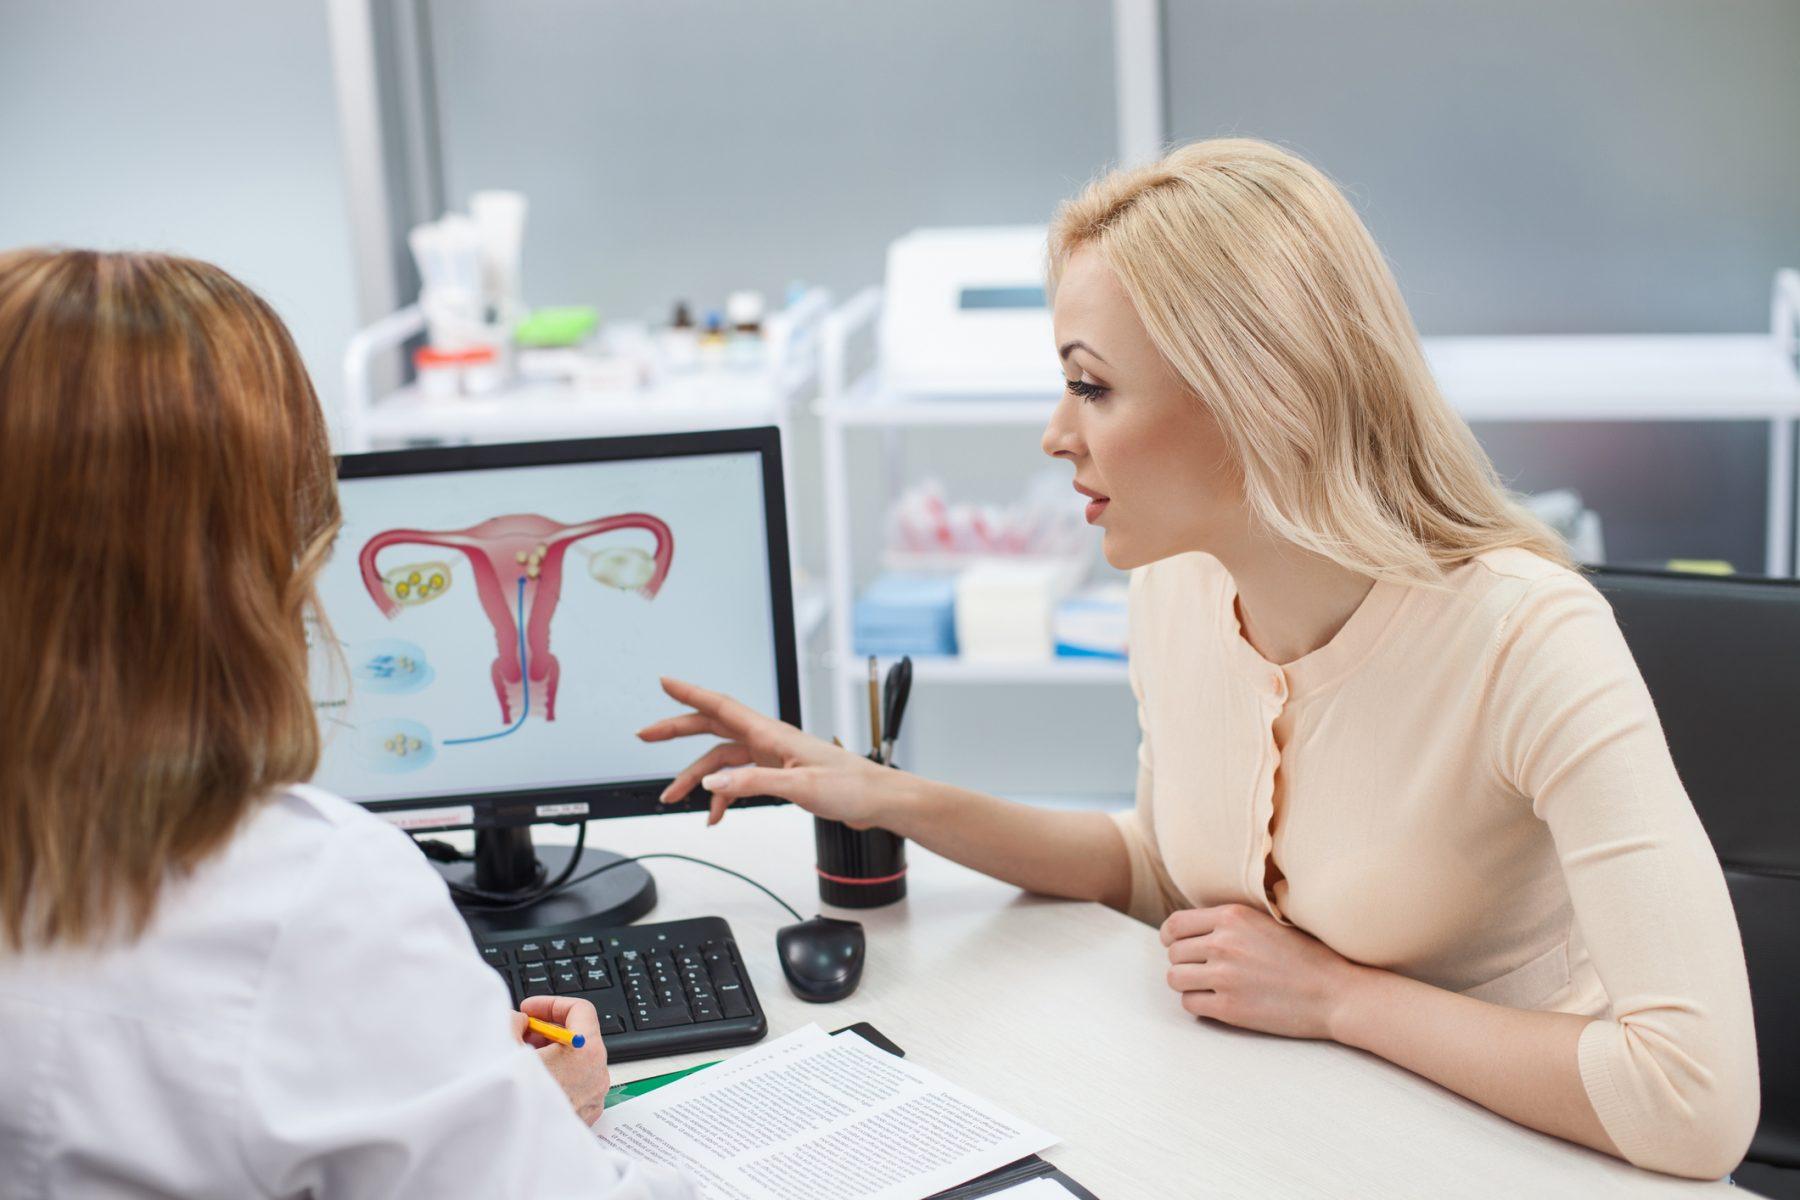 Te lo contamos todo sobre los miomas uterinos, sintomas y como afectan a la fertilidad femenina de la mano de la Doctora Margalida Vicens ginecóloga especialista en IFER